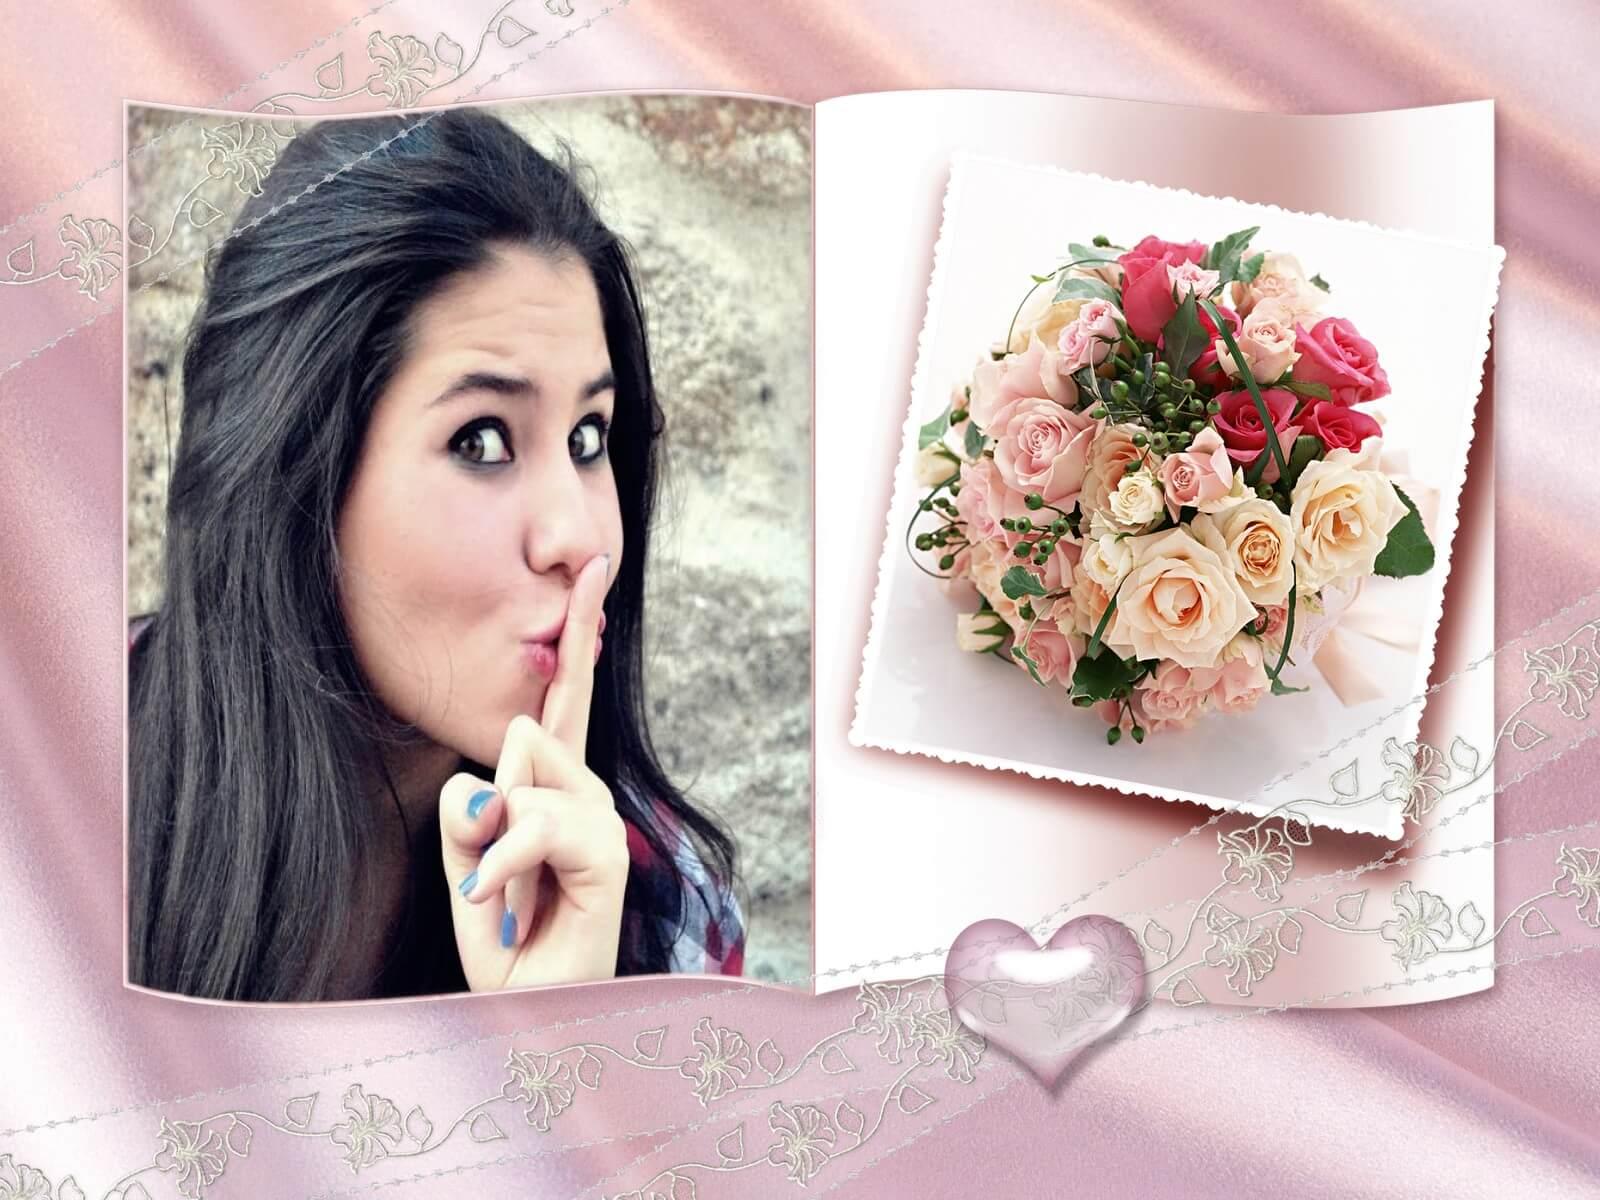 montagem de fotos casamento moldura para convite de casamento